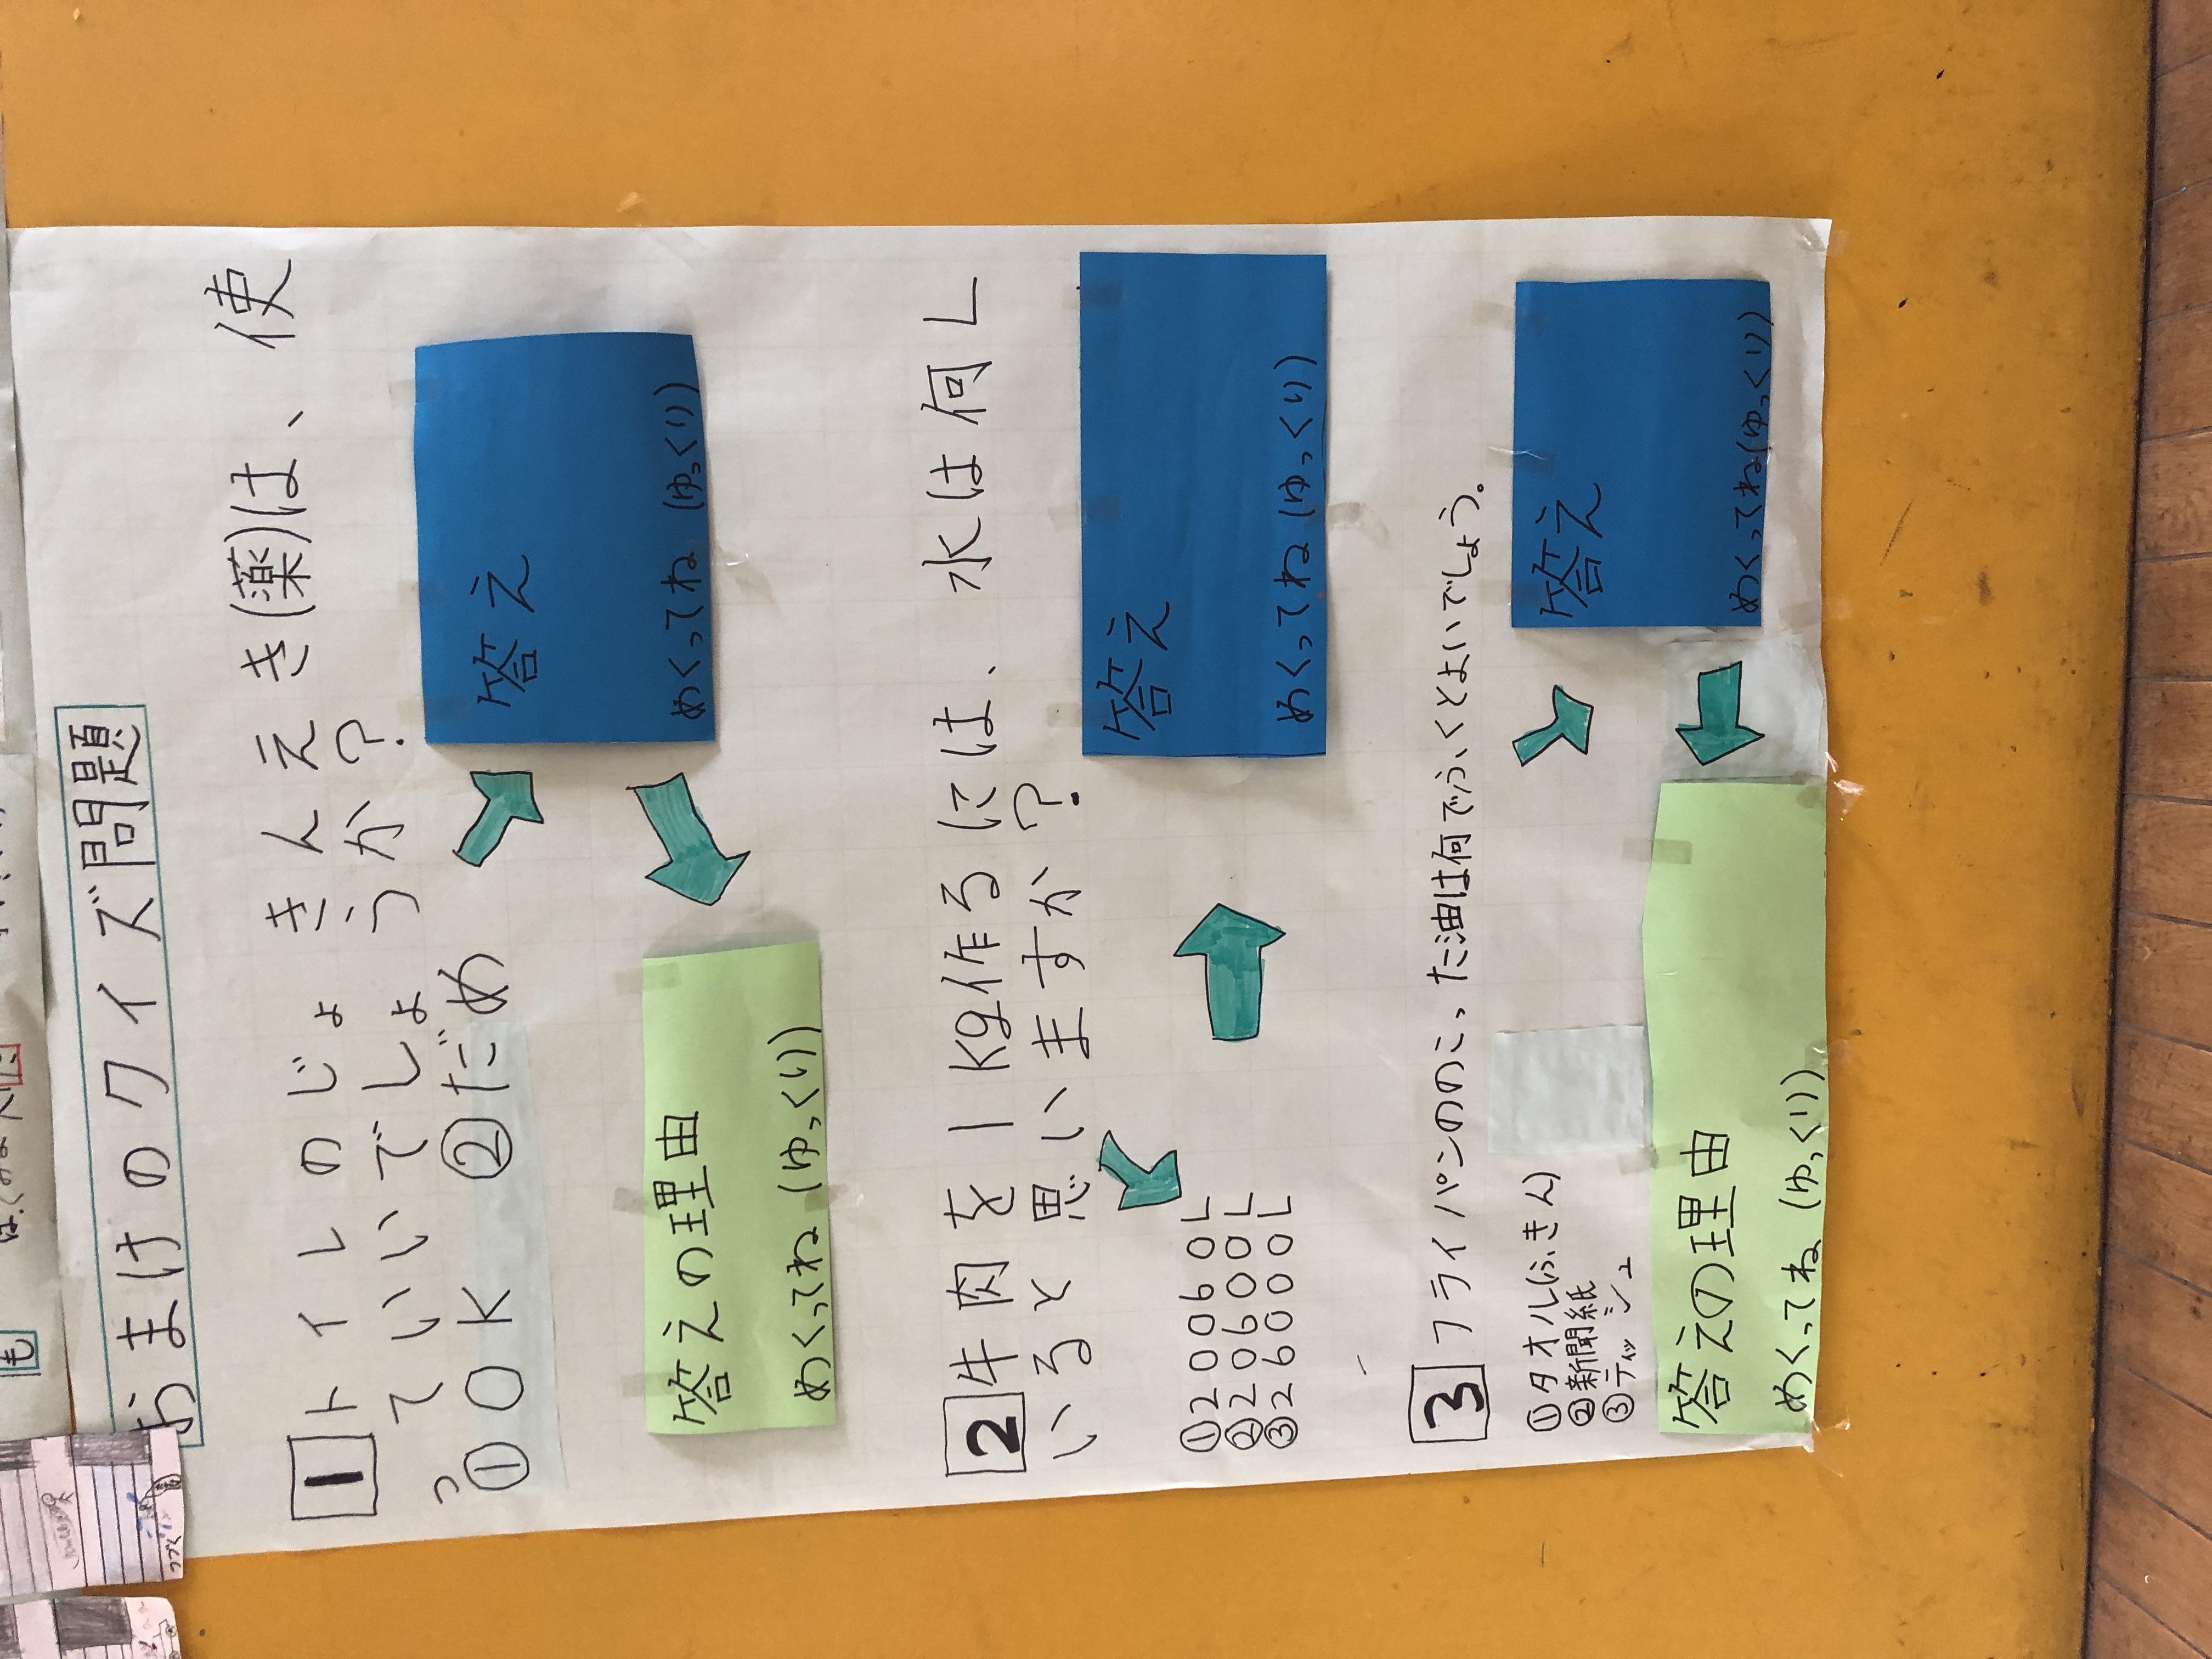 C4A53B24-37EA-4445-86EA-25FE5A7D528A